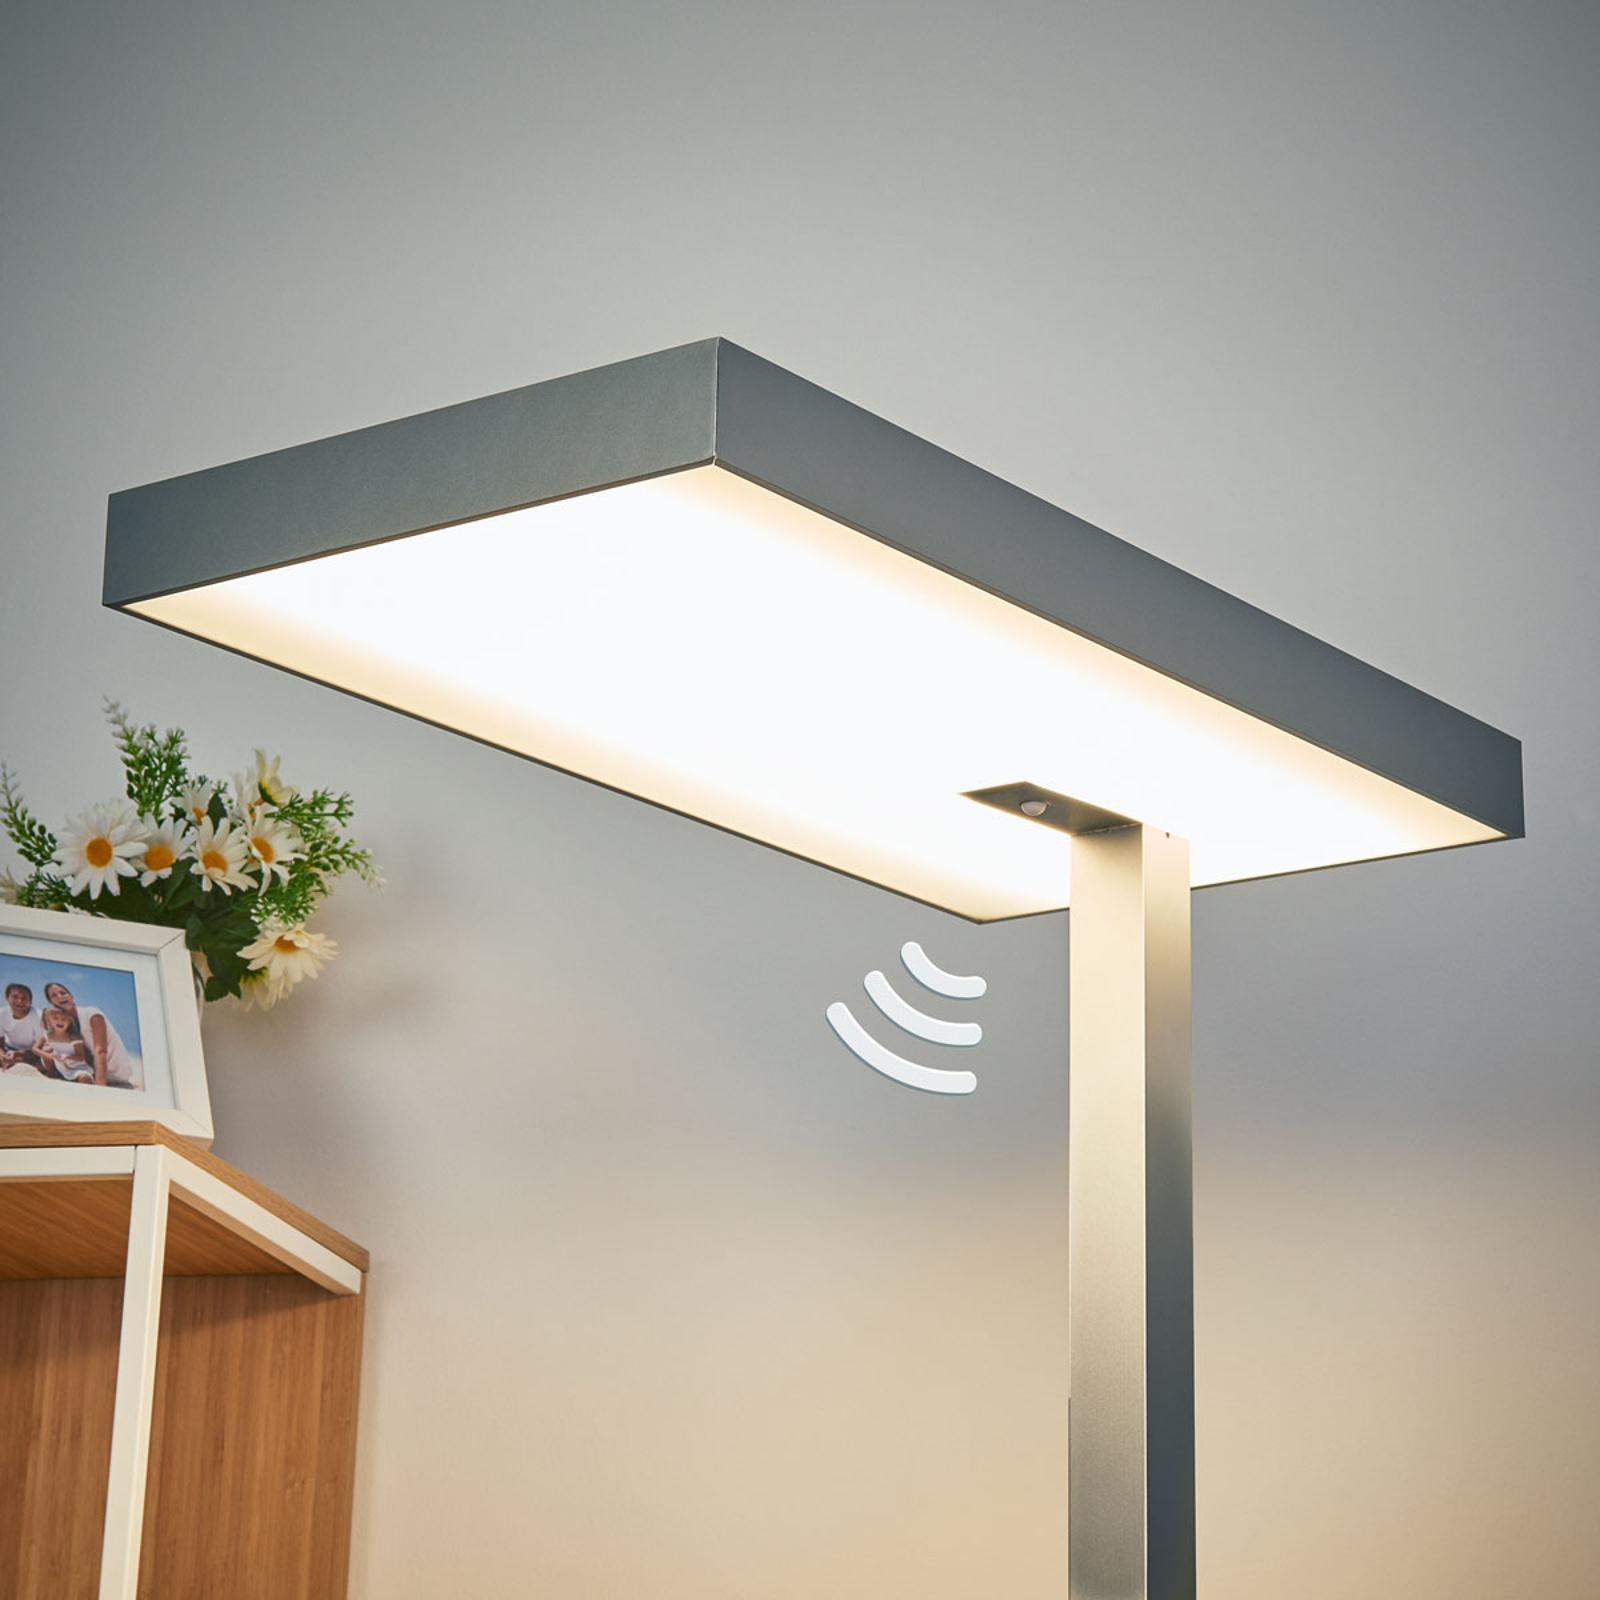 Toimisto-LED-lattiavalaisin Nora, liiketunn., 50W